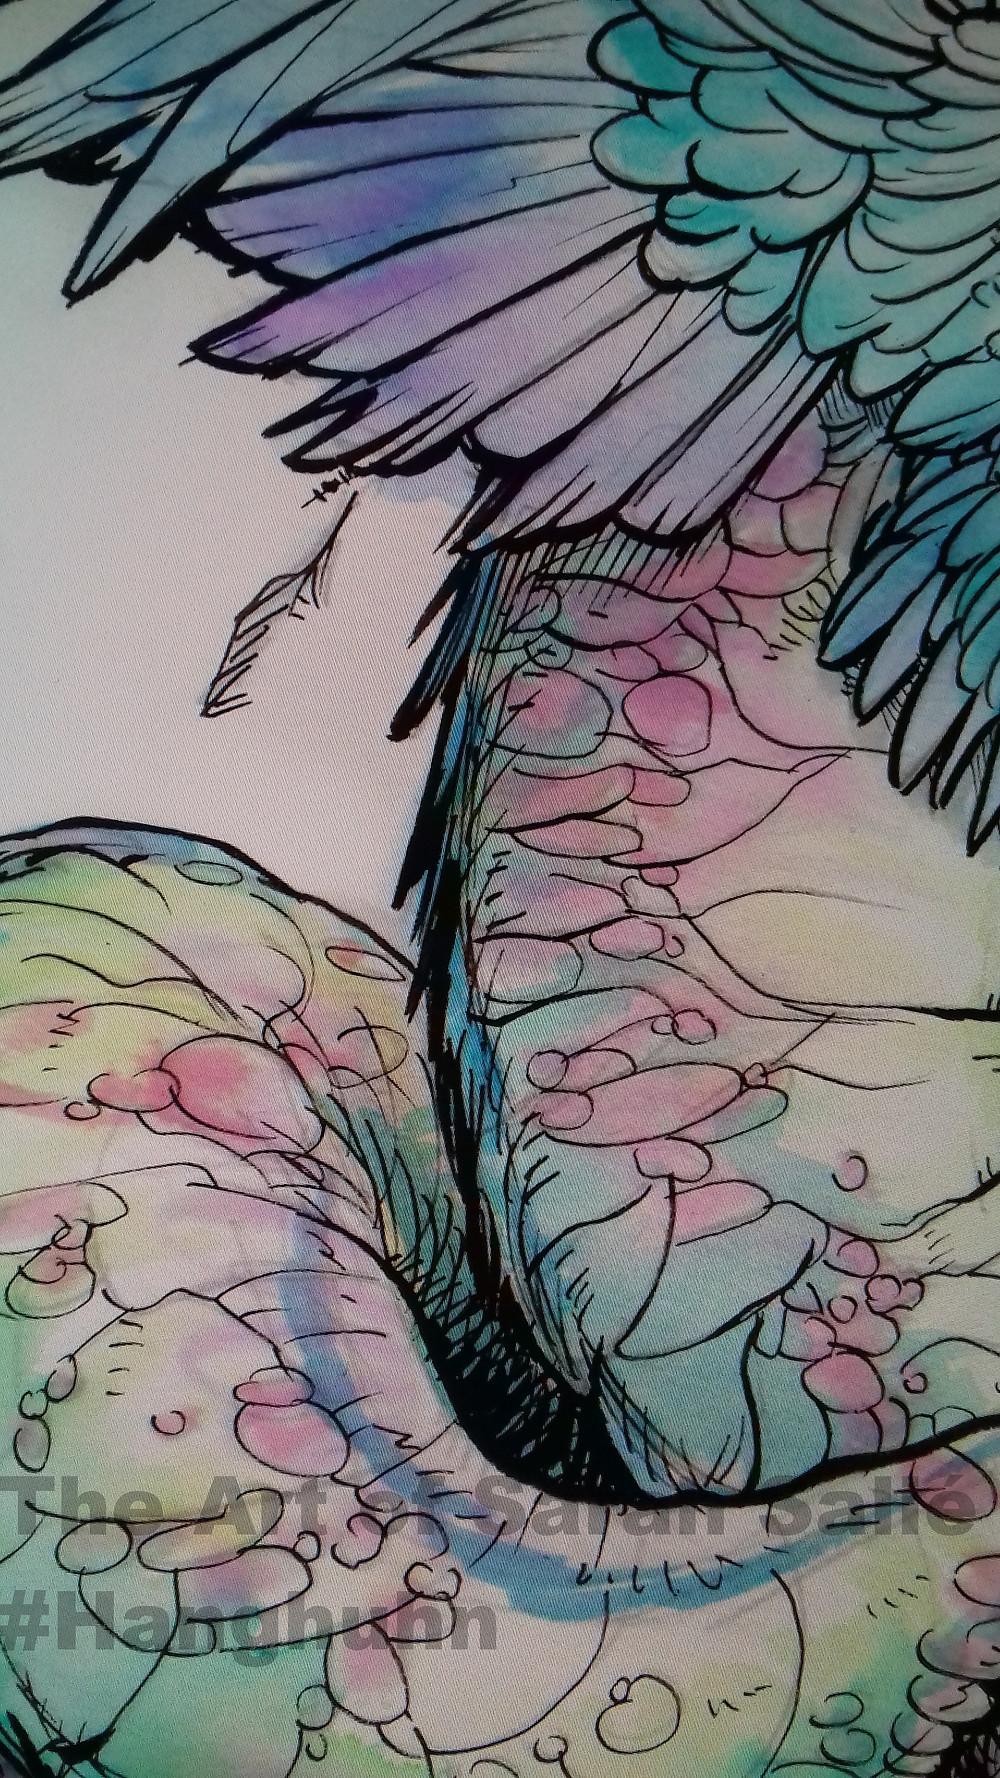 Basilisk detail